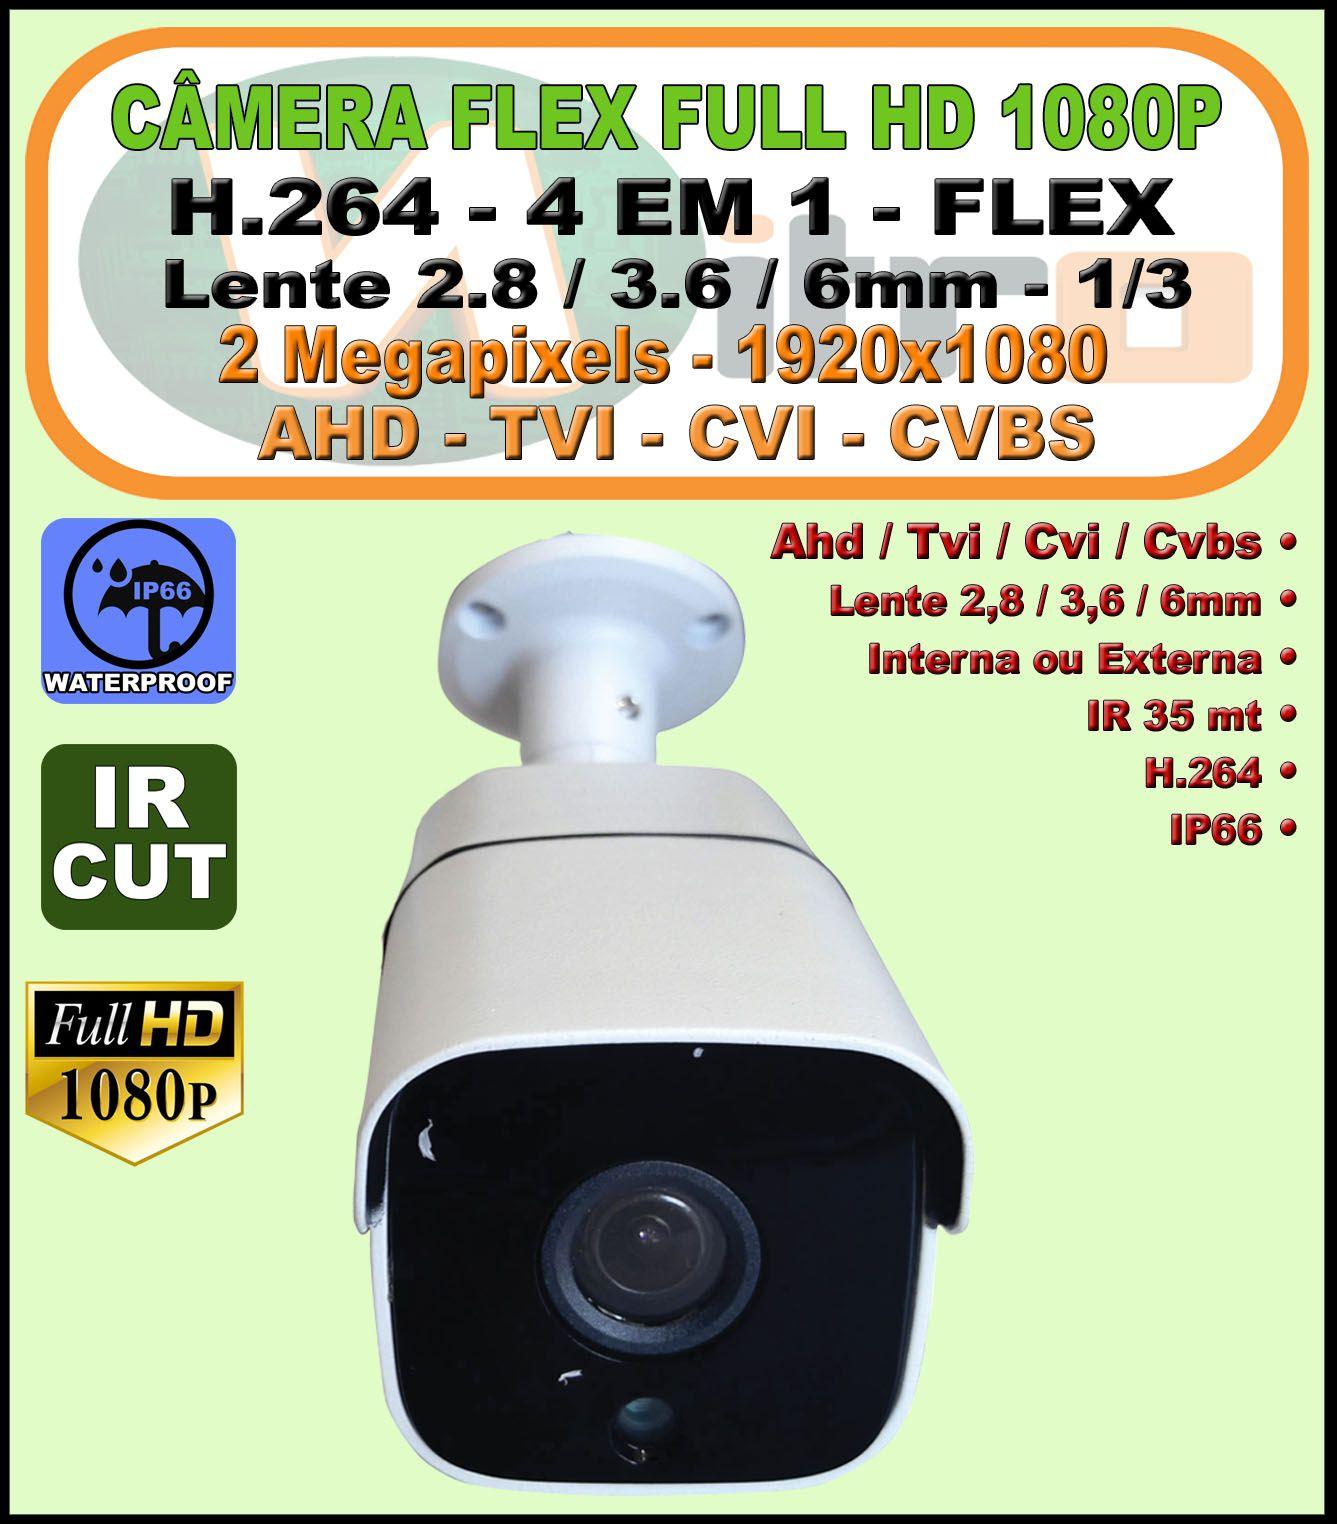 Câmera Bullet Flex 4 em 1 Ahd Tvi Cvi Cvbs Full HD 2 Megapixels 1080p 2.8 / 3.6 / 6MM IR 35 METROS IP66 H.264